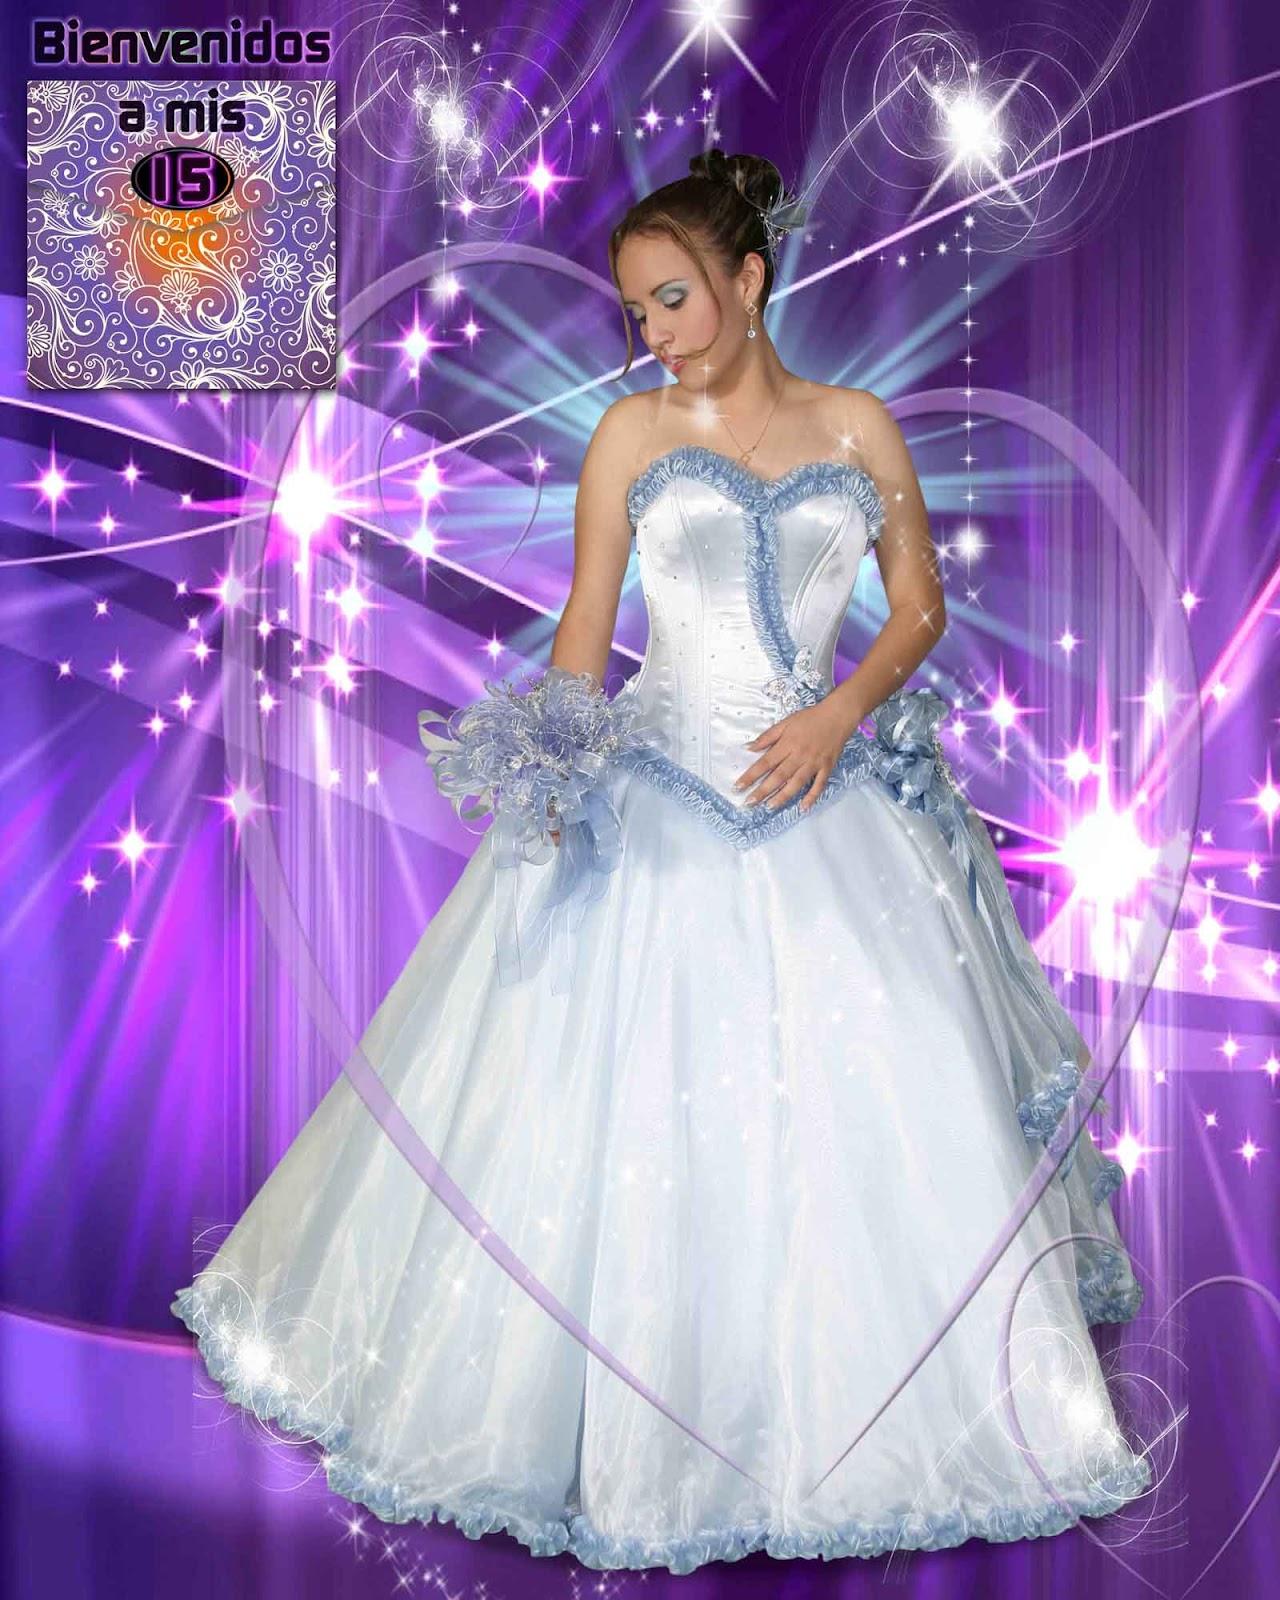 Imagenes de fondos para quinceañeras - Imagui